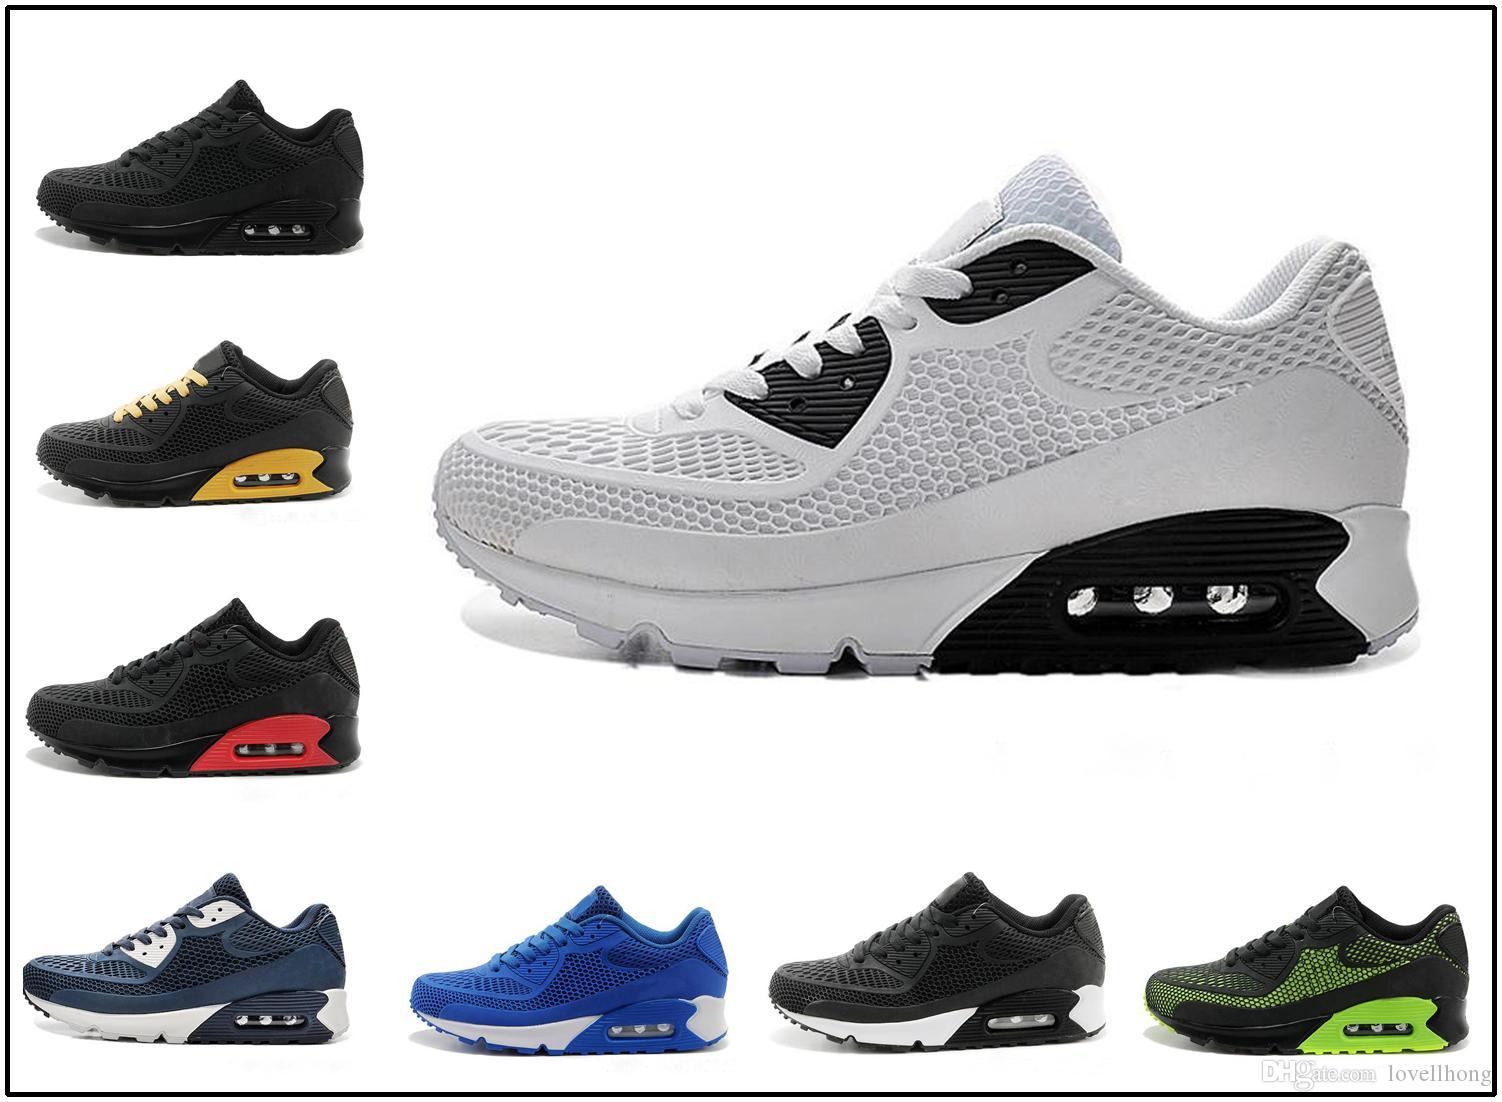 nike air max 90 kpu airmax Nouveau Chaussures de course Air Cushion 90 KPU Hommes Femmes Baskets Haute Qualité Pas Cher Tout Noir Chaussures de Sport